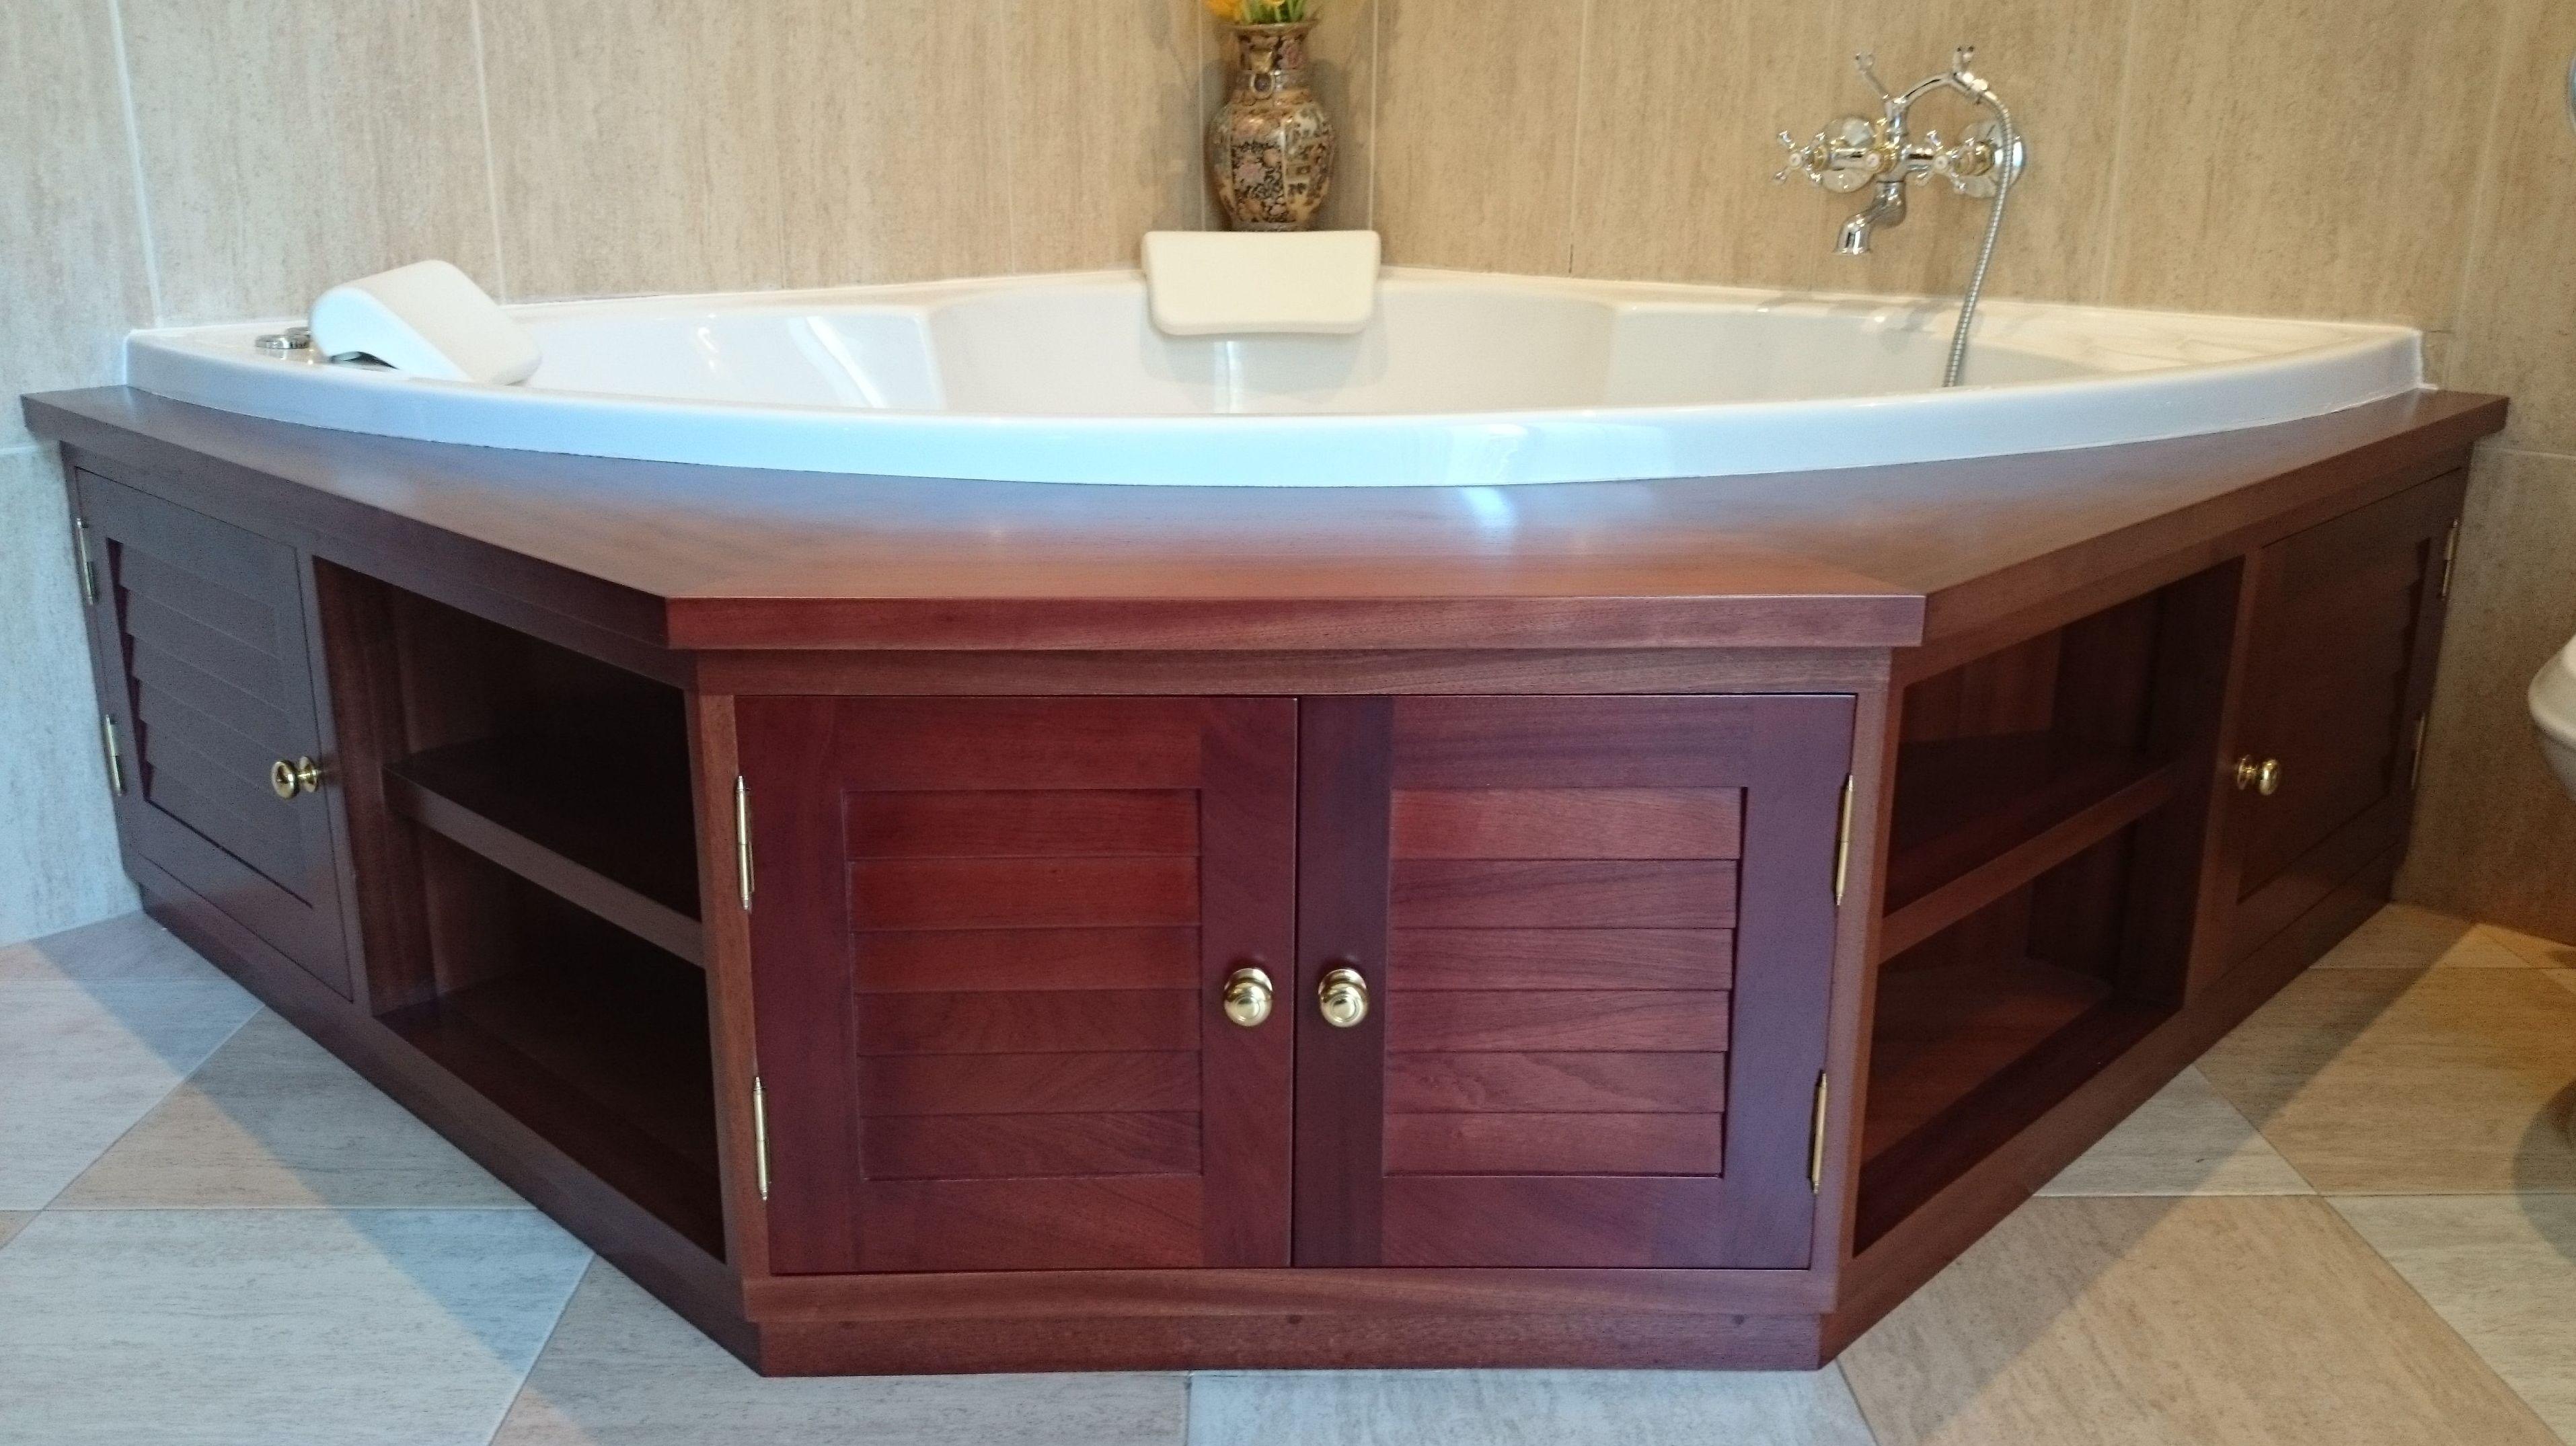 Mueble para cubrir bañera fabricado en madera de sapelly.